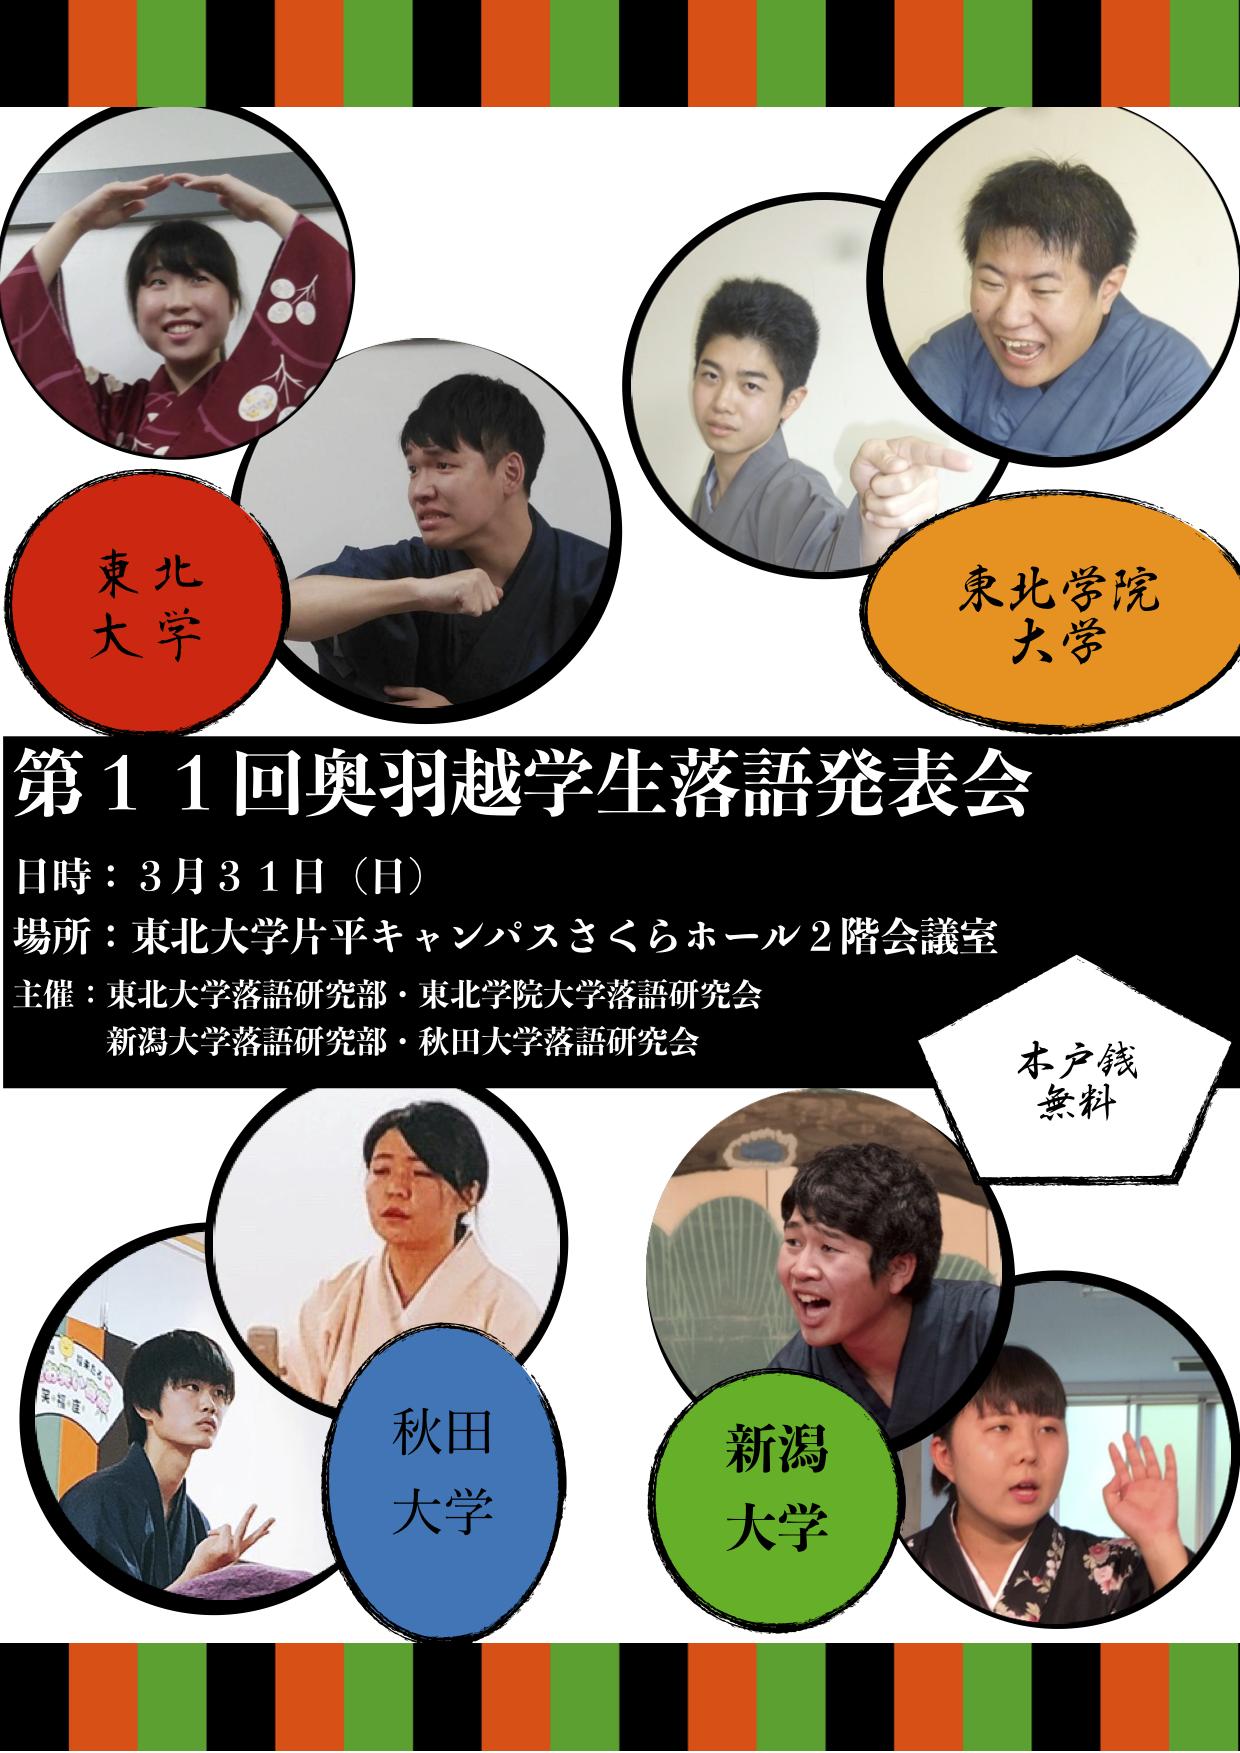 11奥羽越ポスター